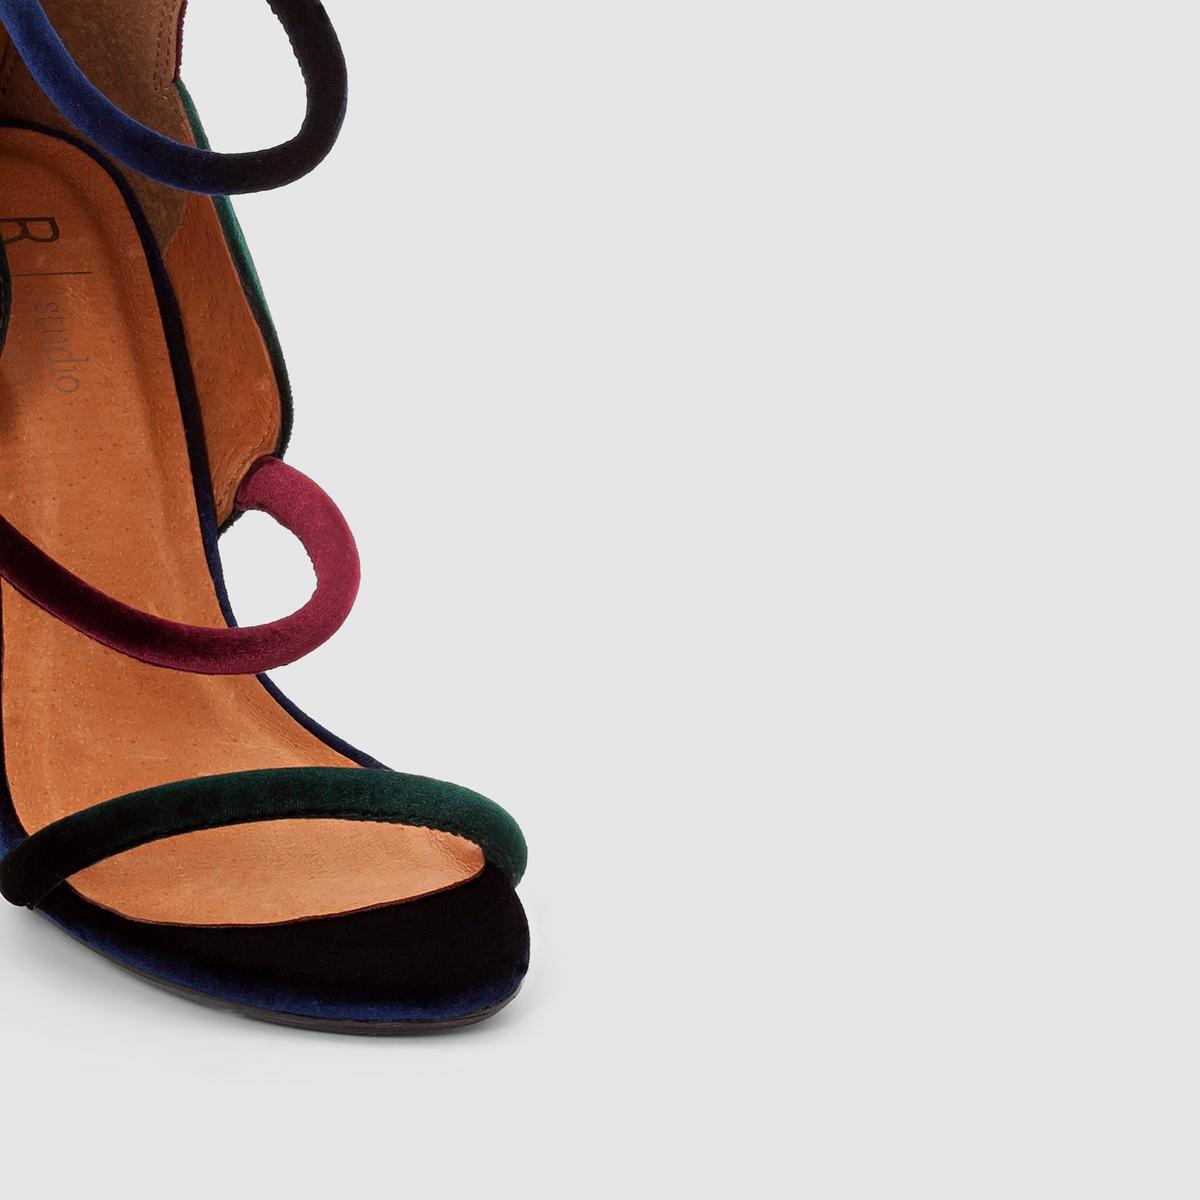 Босоножки велюровые на высоком каблукеТуфли MADEMOISELLE R Верх : текстильПодкладка   : кожа Стелька : кожа Подошва : из эластомераВысота каблука : 9 см  Застежка : без застежки Преимущества : молния сзади, тонкие ремешки и многоцветный велюр этой модели позволяют по новому взглянуть на стиль босоножек.<br><br>Цвет: разноцветный